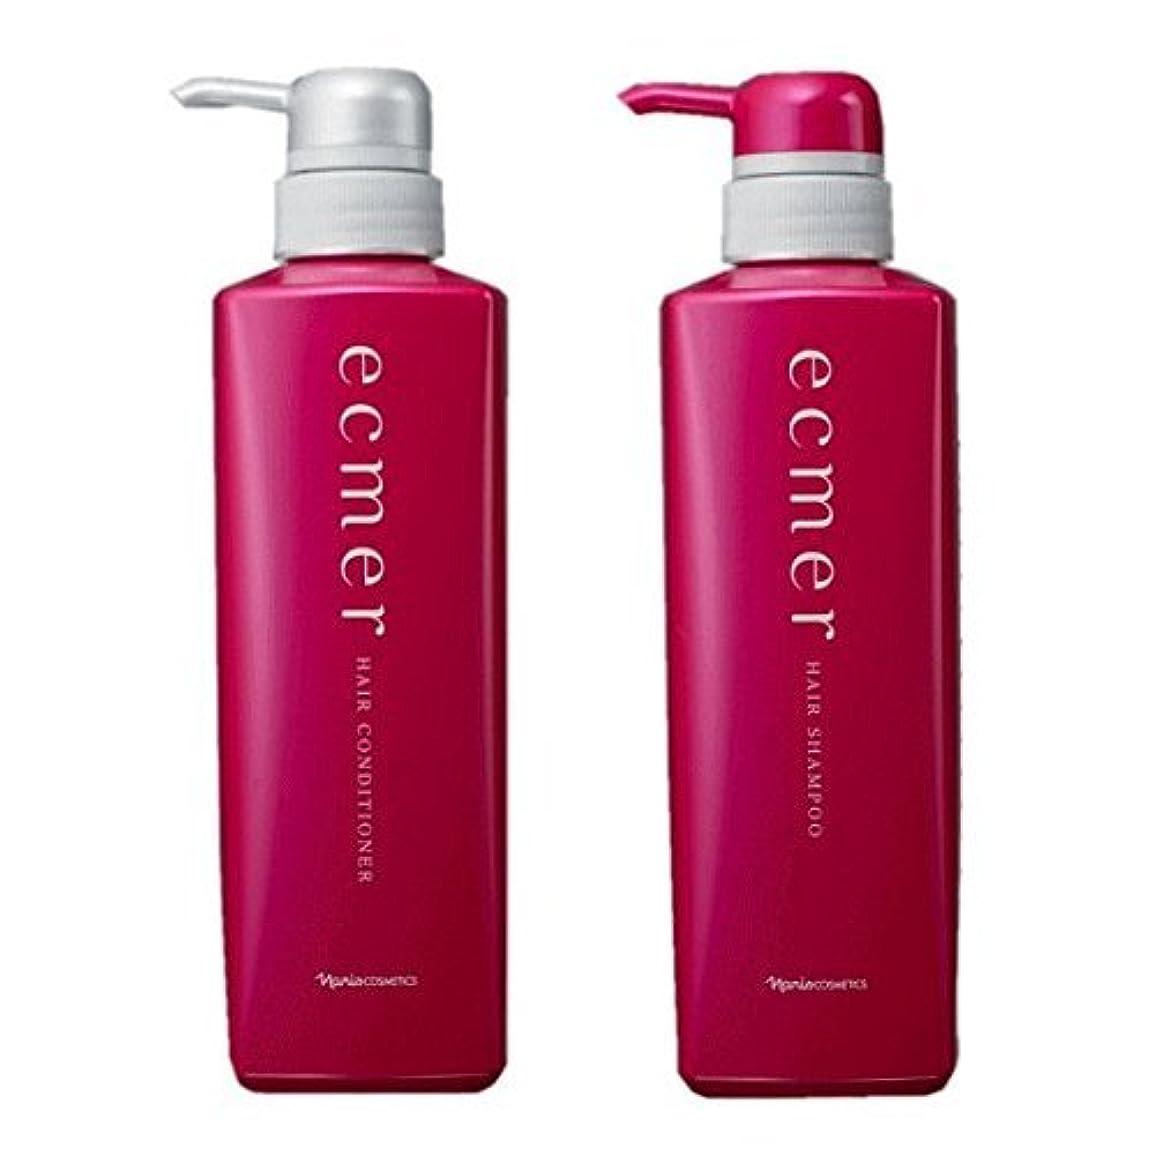 バズ汚染するピンクecmer/エクメール シャンプー&コンディショナー ナリス化粧品